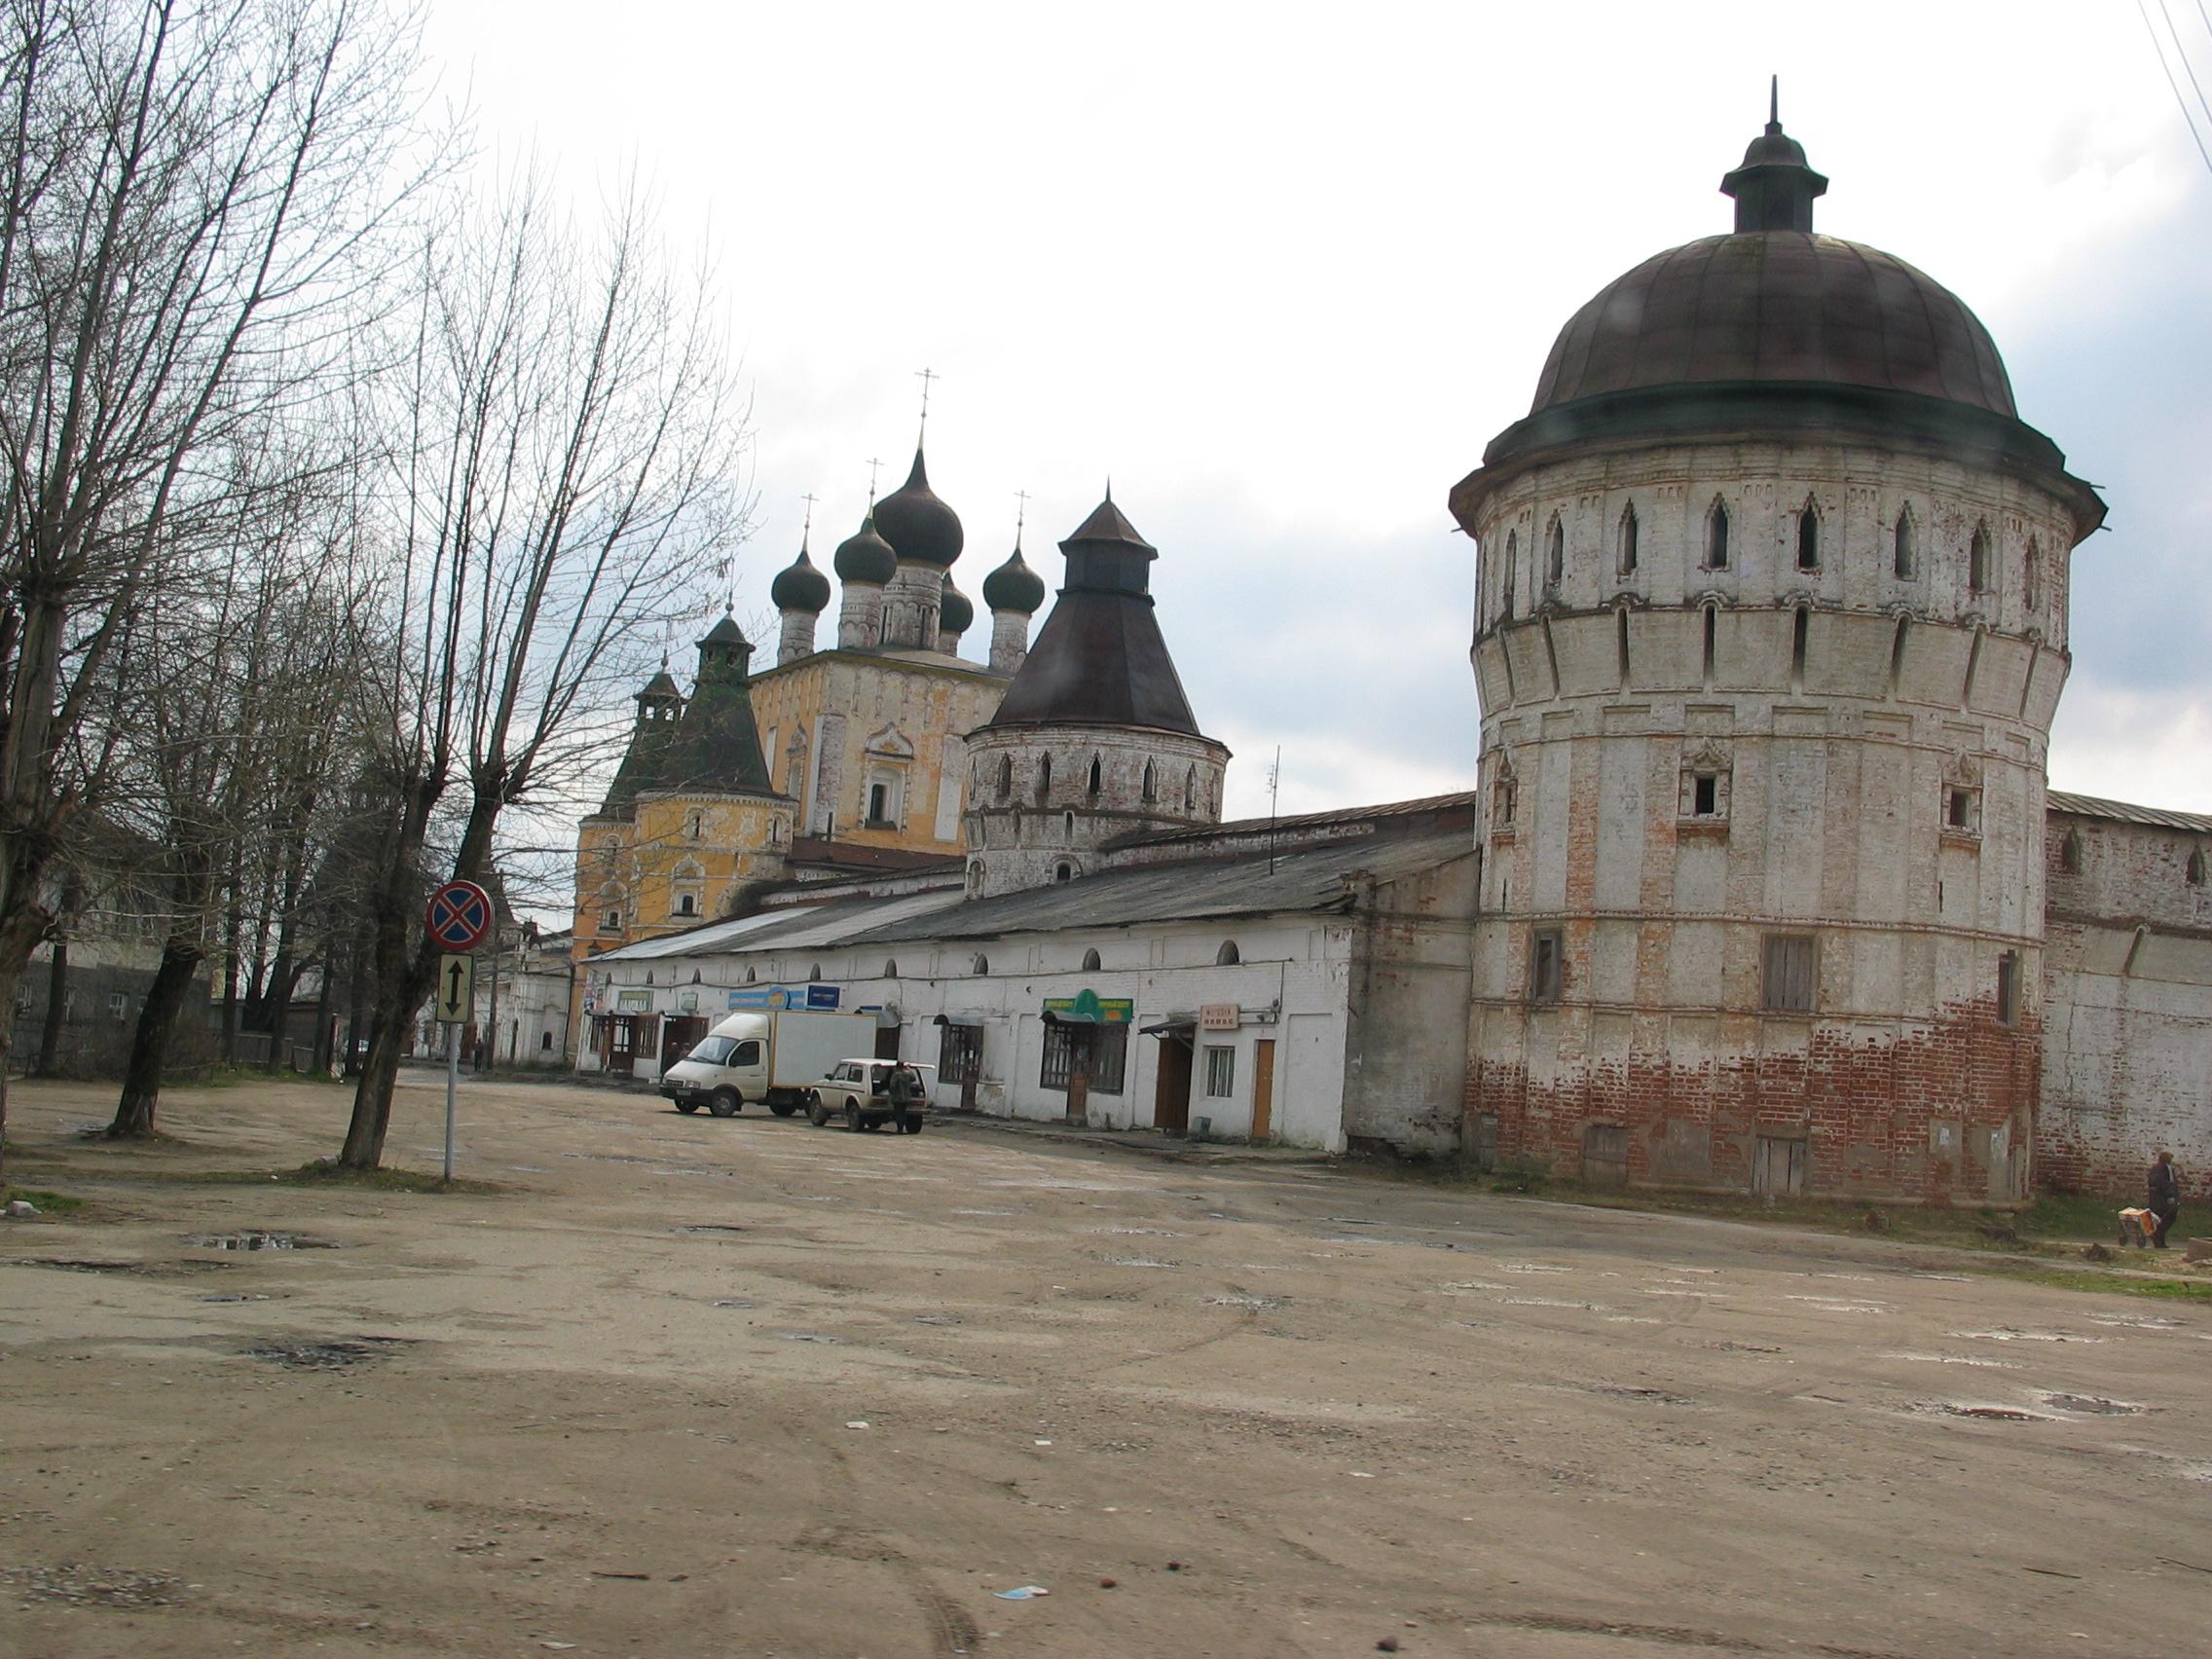 Разврат в монастыре 6 фотография